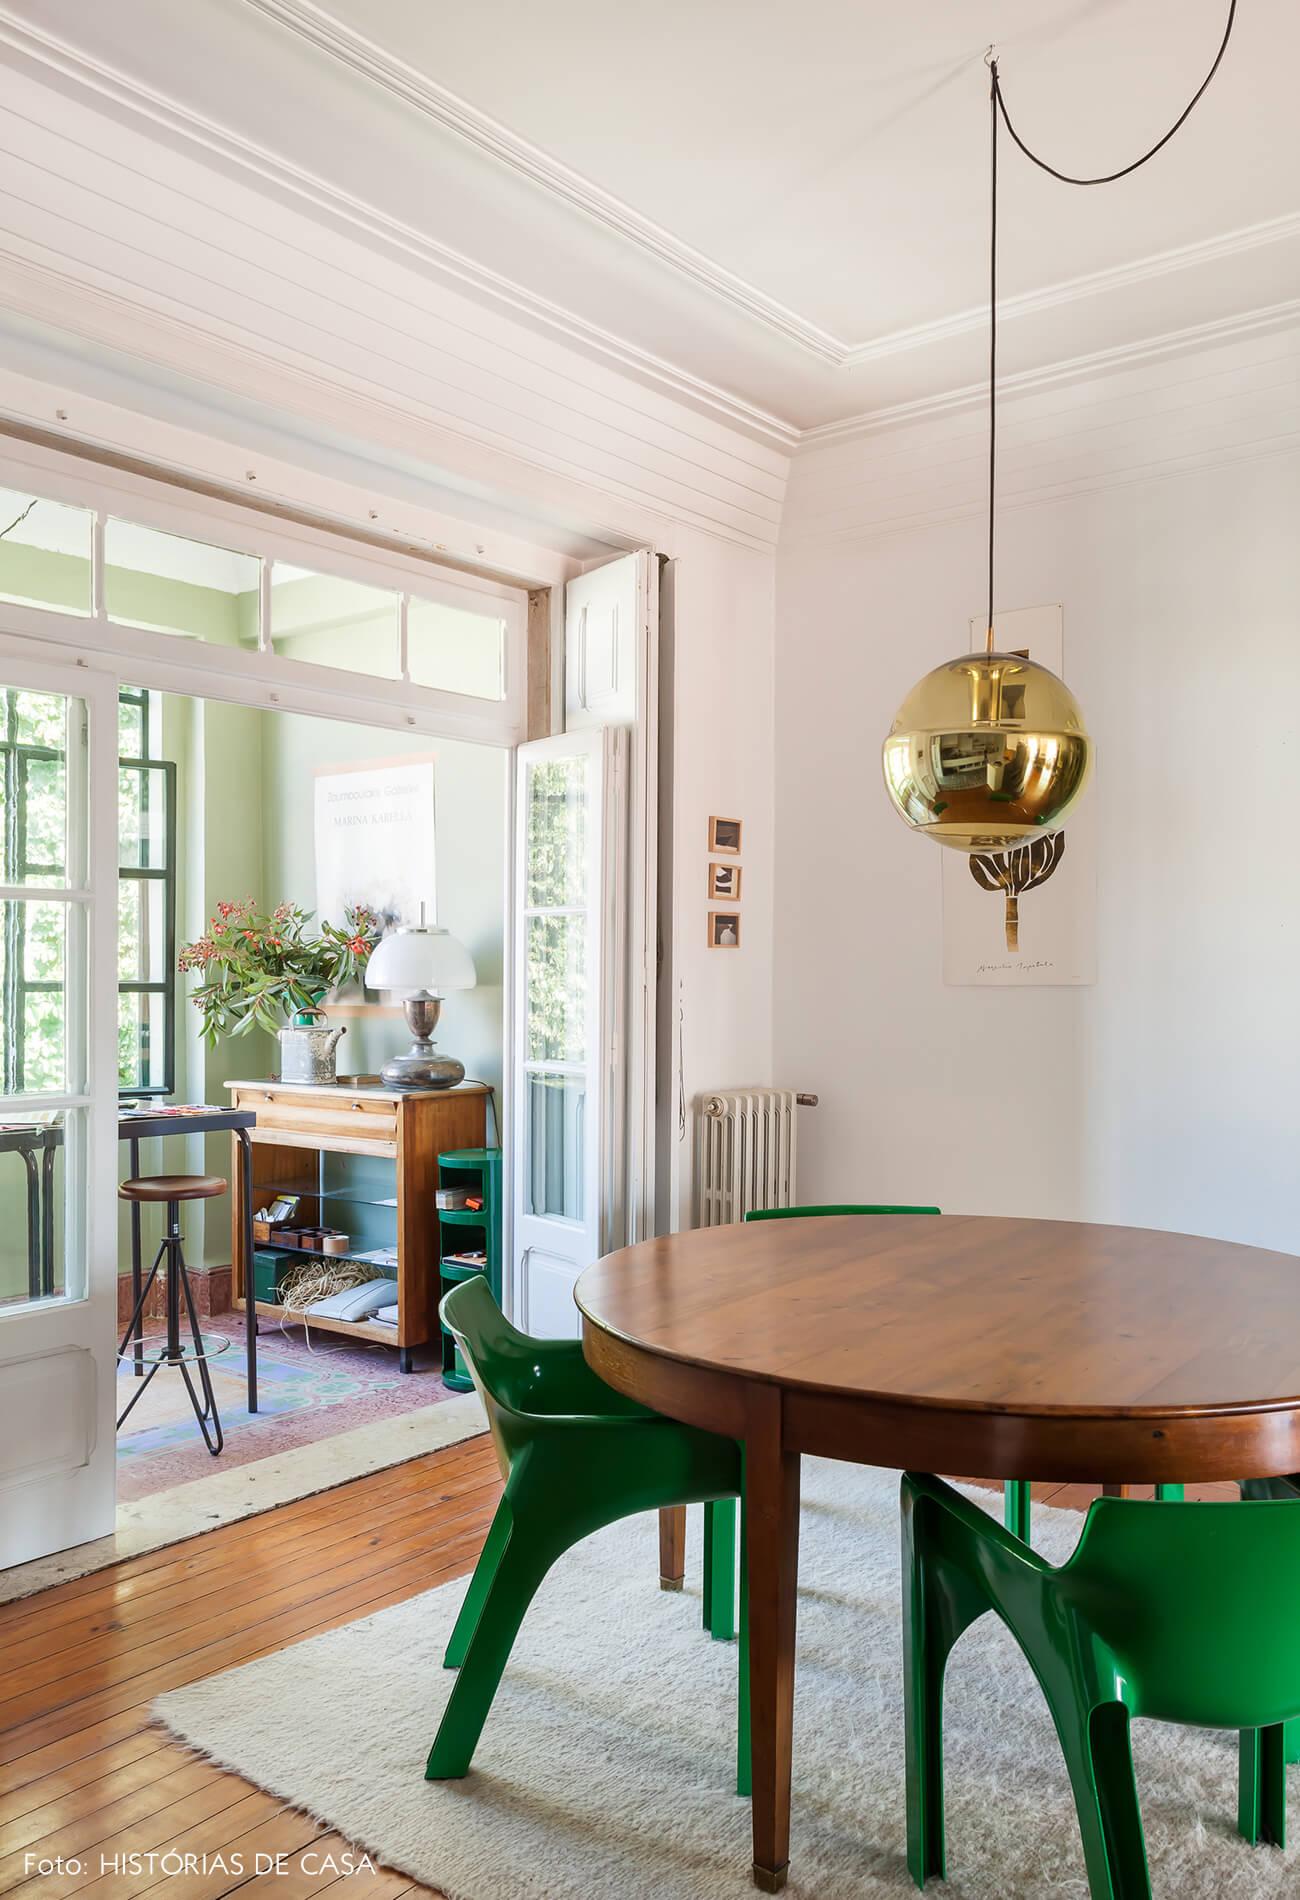 Decoração com piso e mesa de madeira cadeiras verdes luminária dourada e sacada